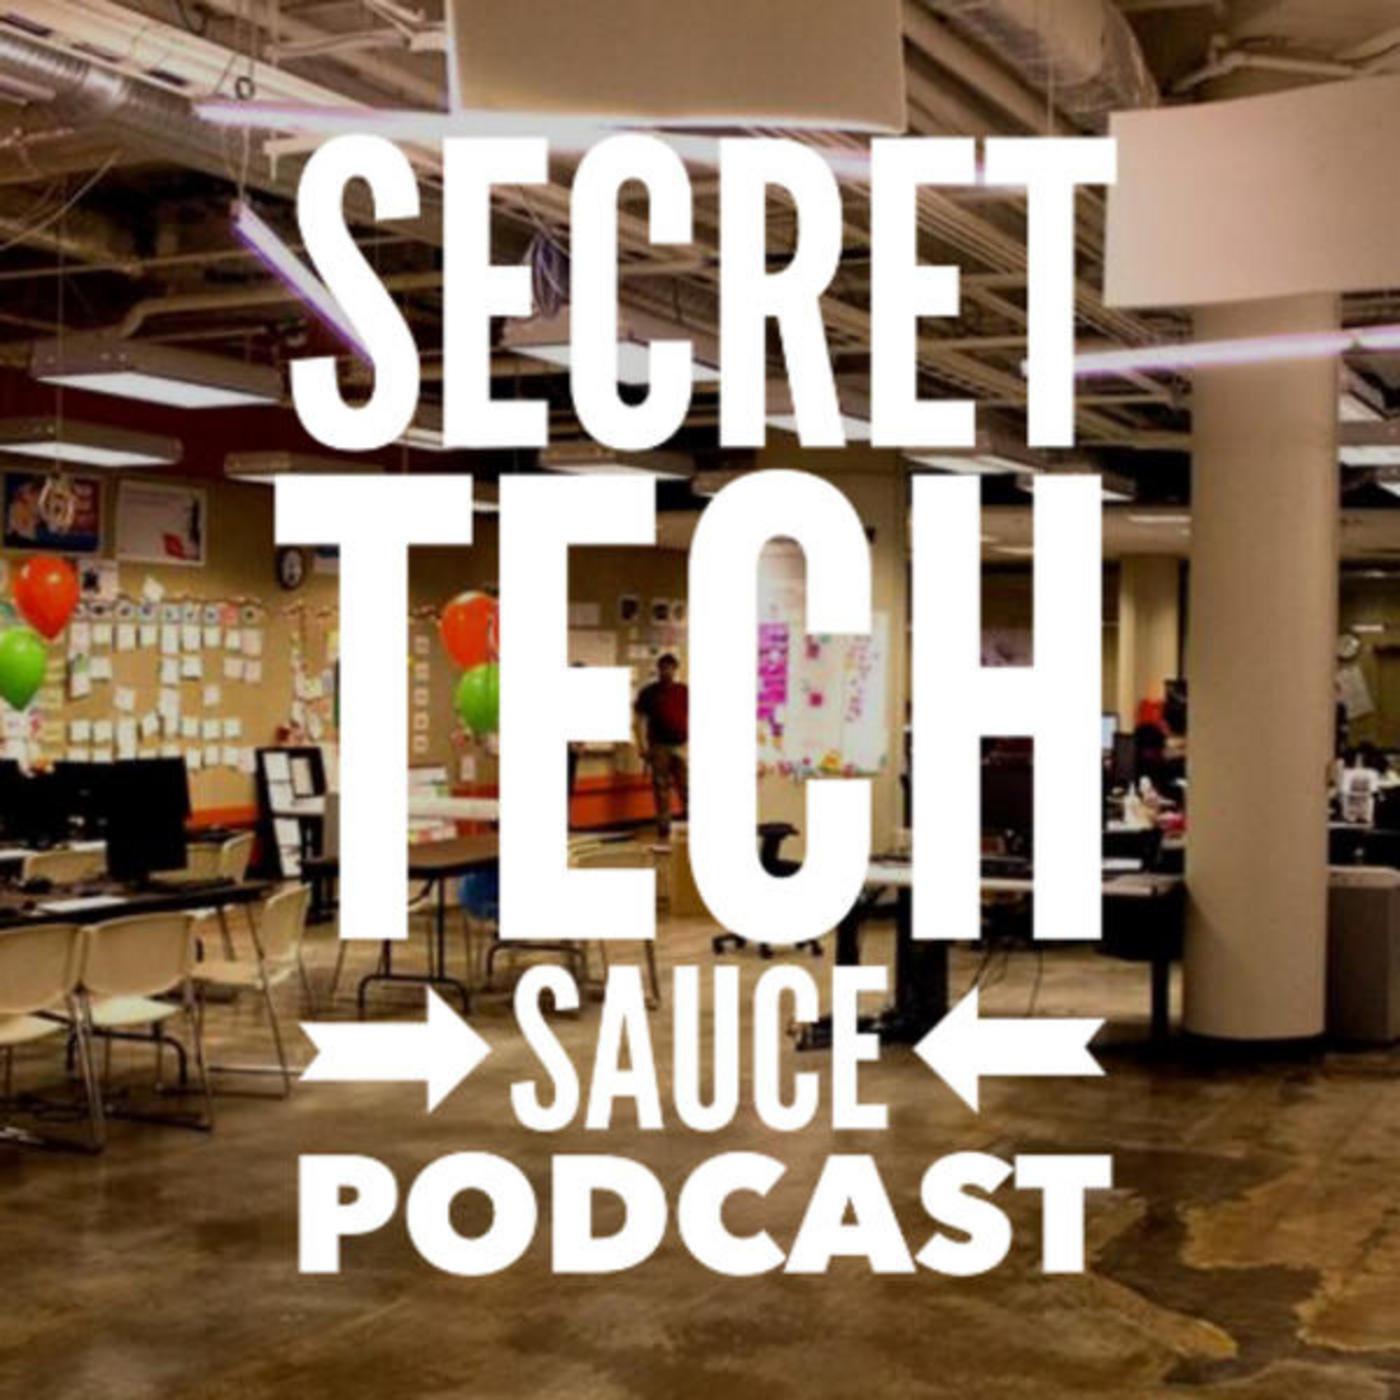 Episode #30 - Comedian – Steve Soelberg - talks comedy, free speech & believing in yourself